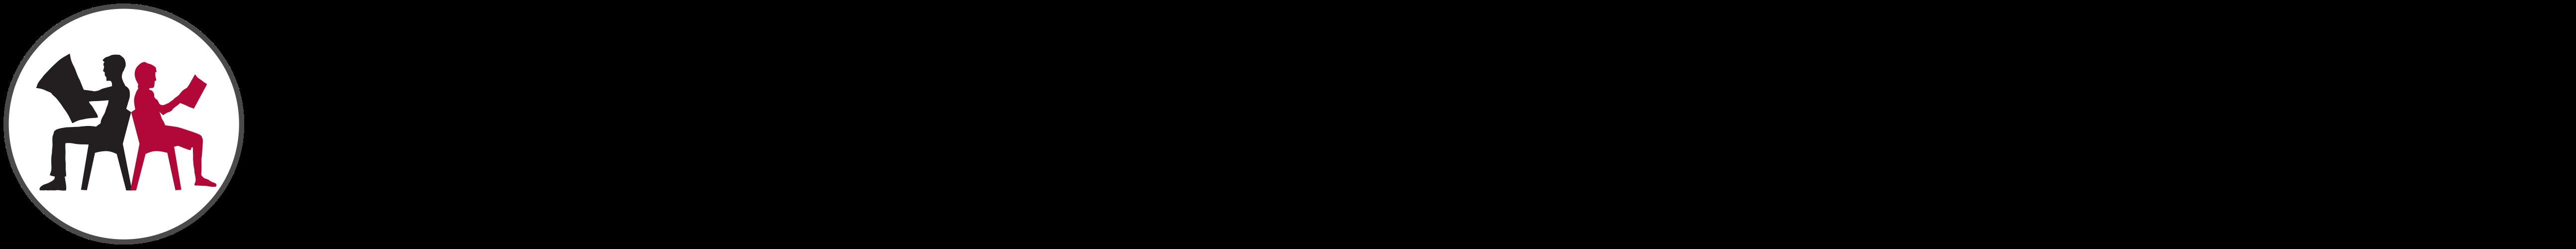 Логотип Прессы в образовании